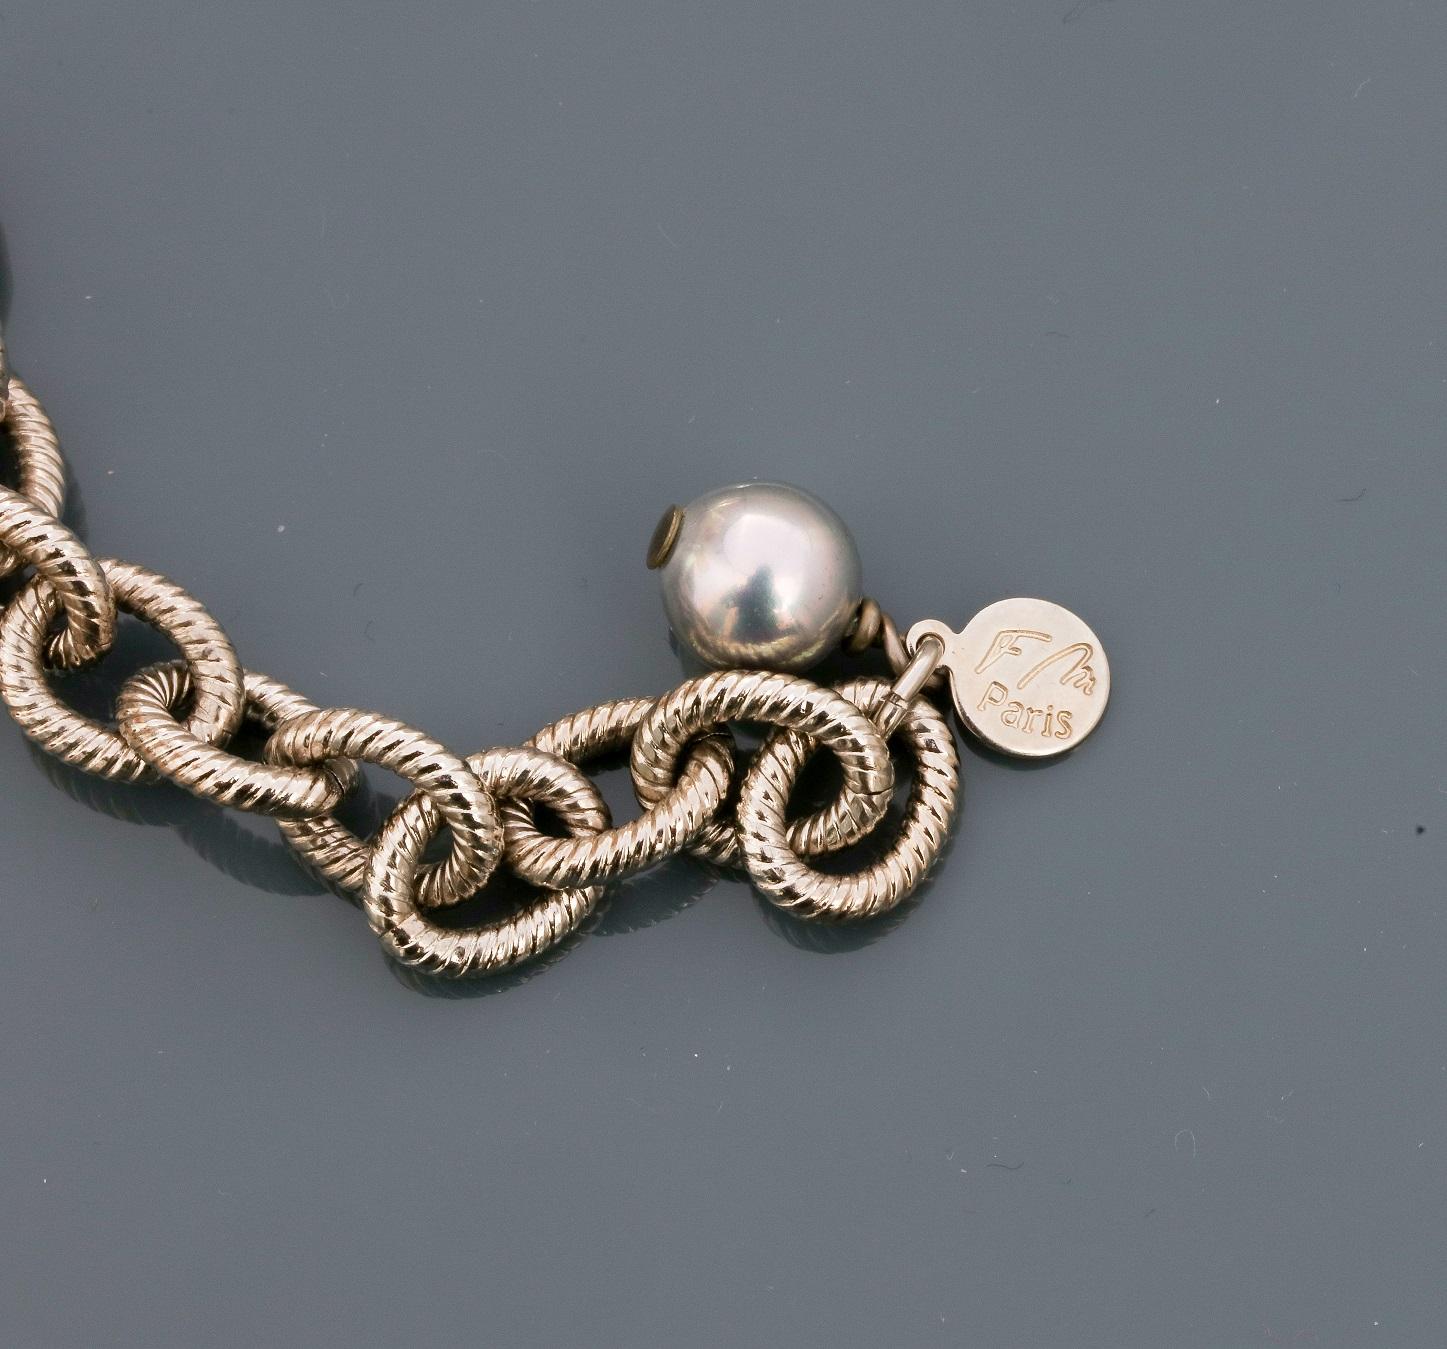 Françoise MONTAGUE, Collier formé d'une chaîne plate en métal rhodié portant [...] - Image 2 of 2